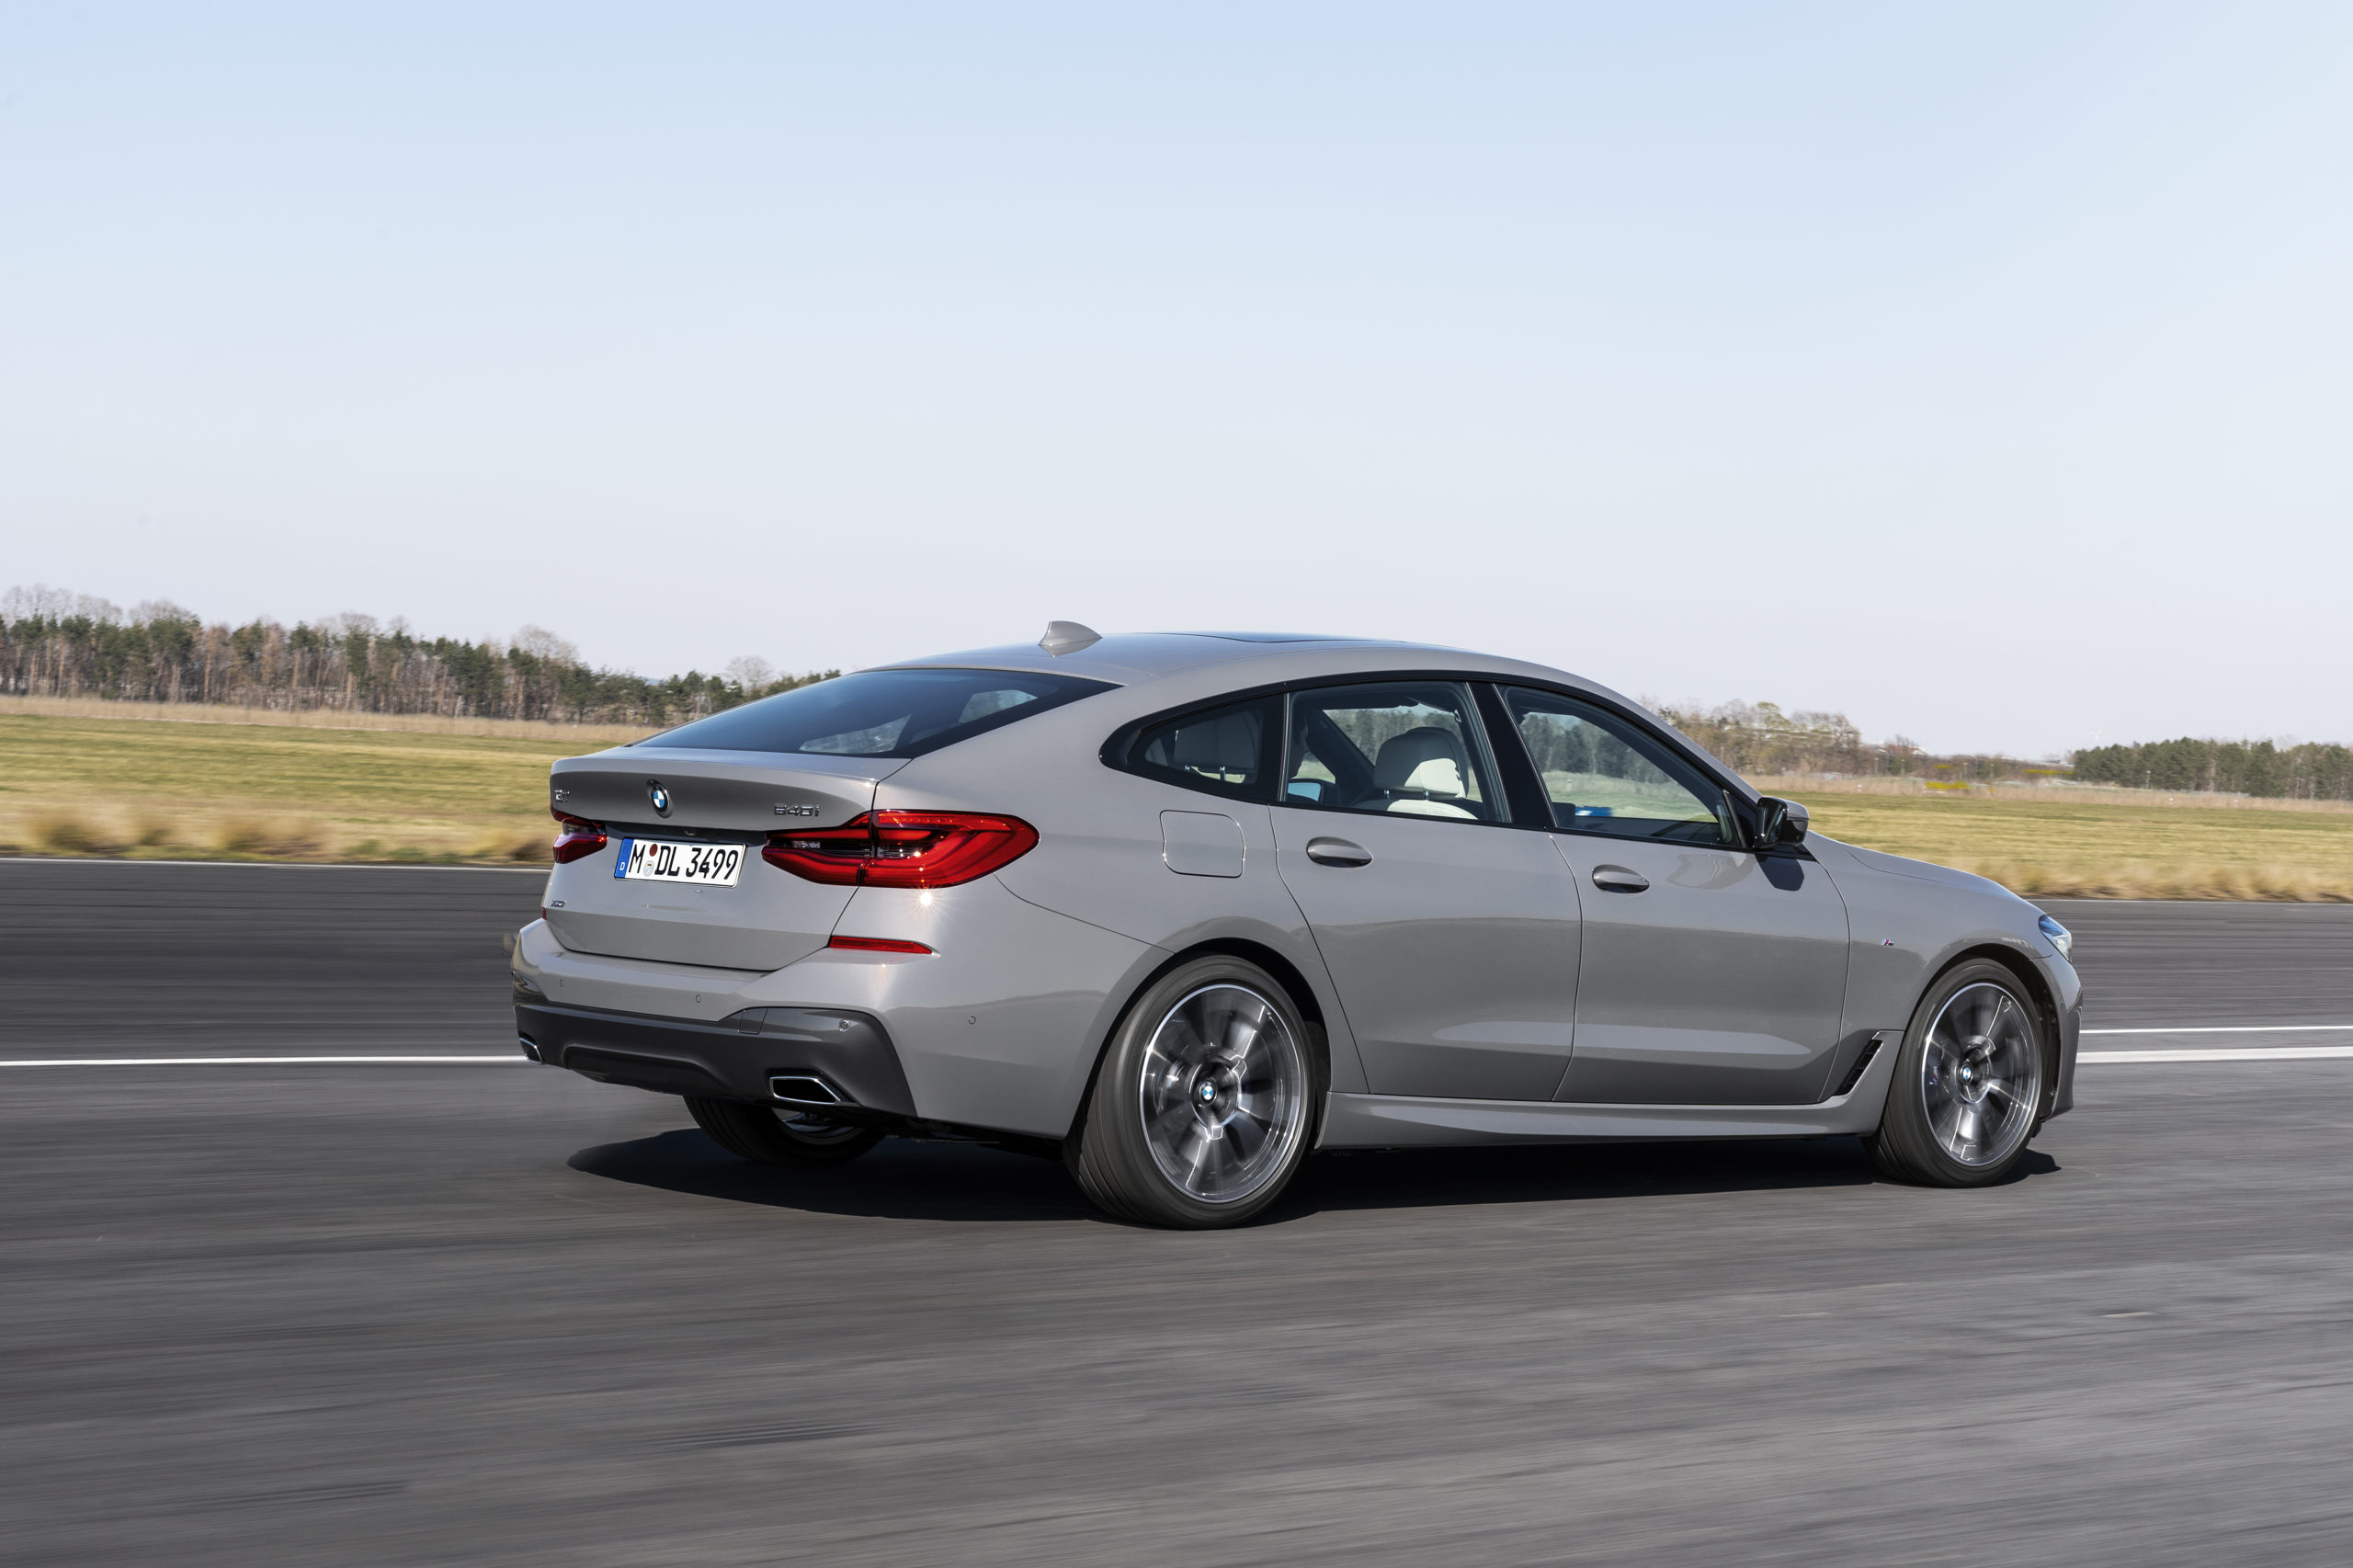 BMW-6-os-Gran-Turismo-oldalrol